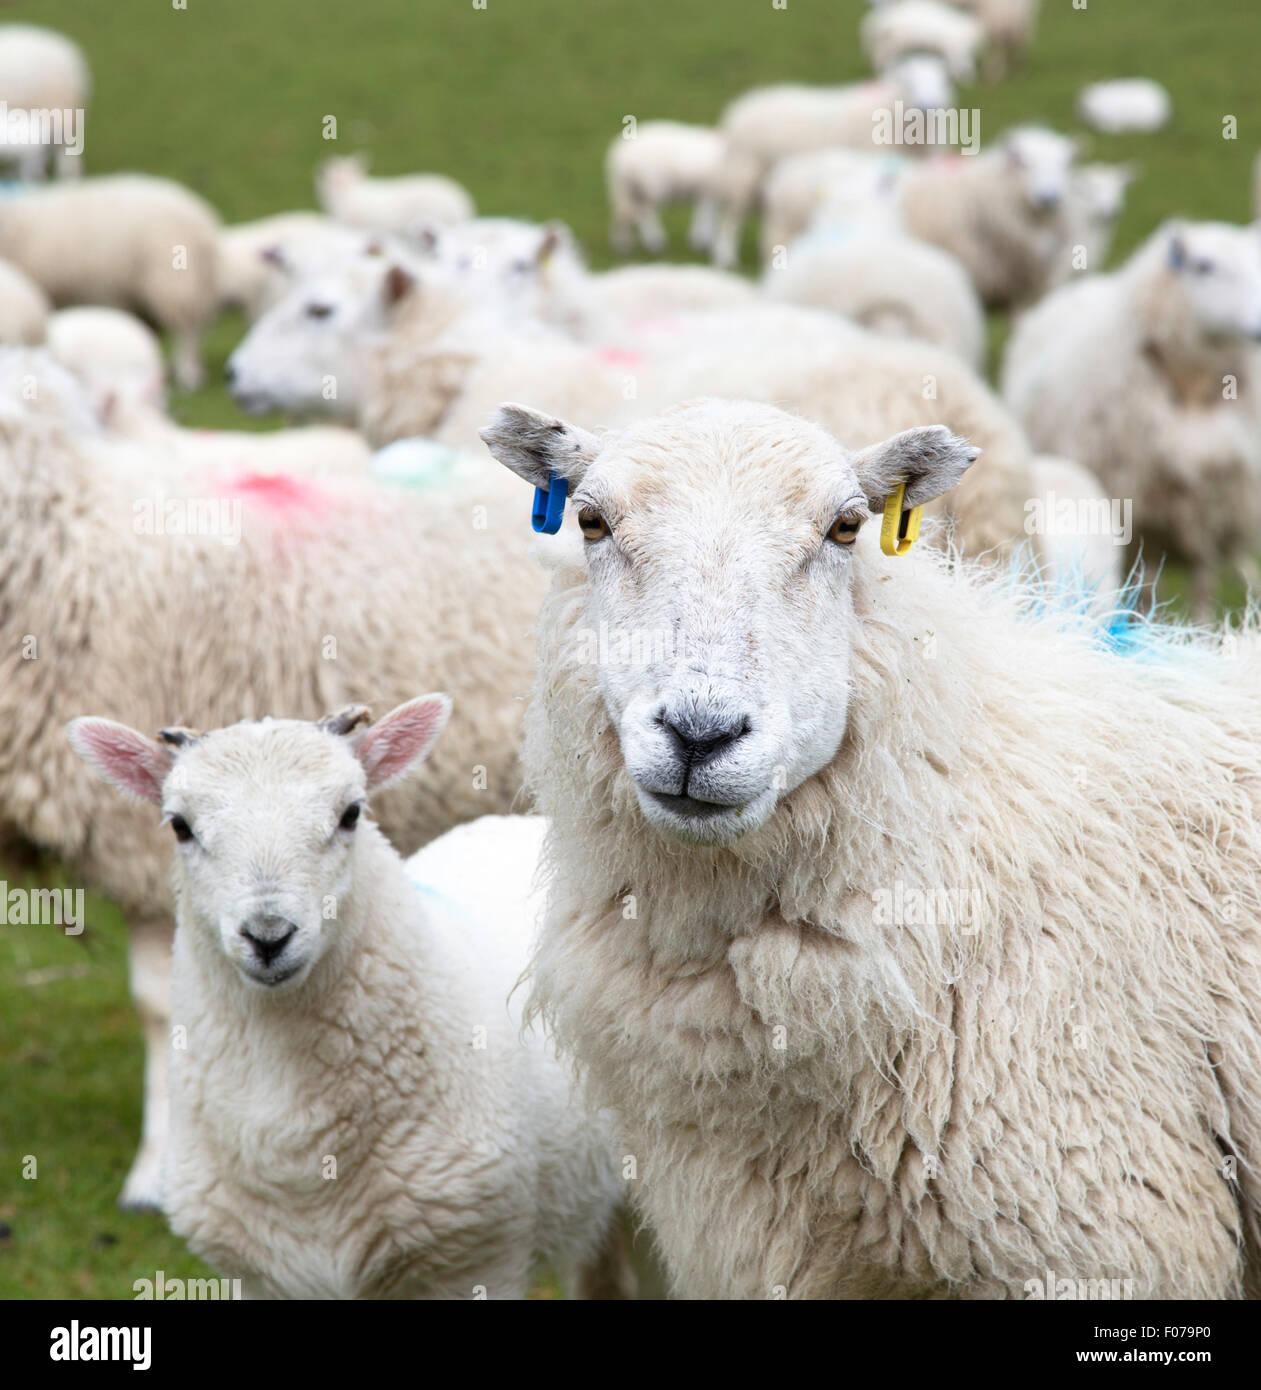 Ewe with lamb, England, UK - Stock Image